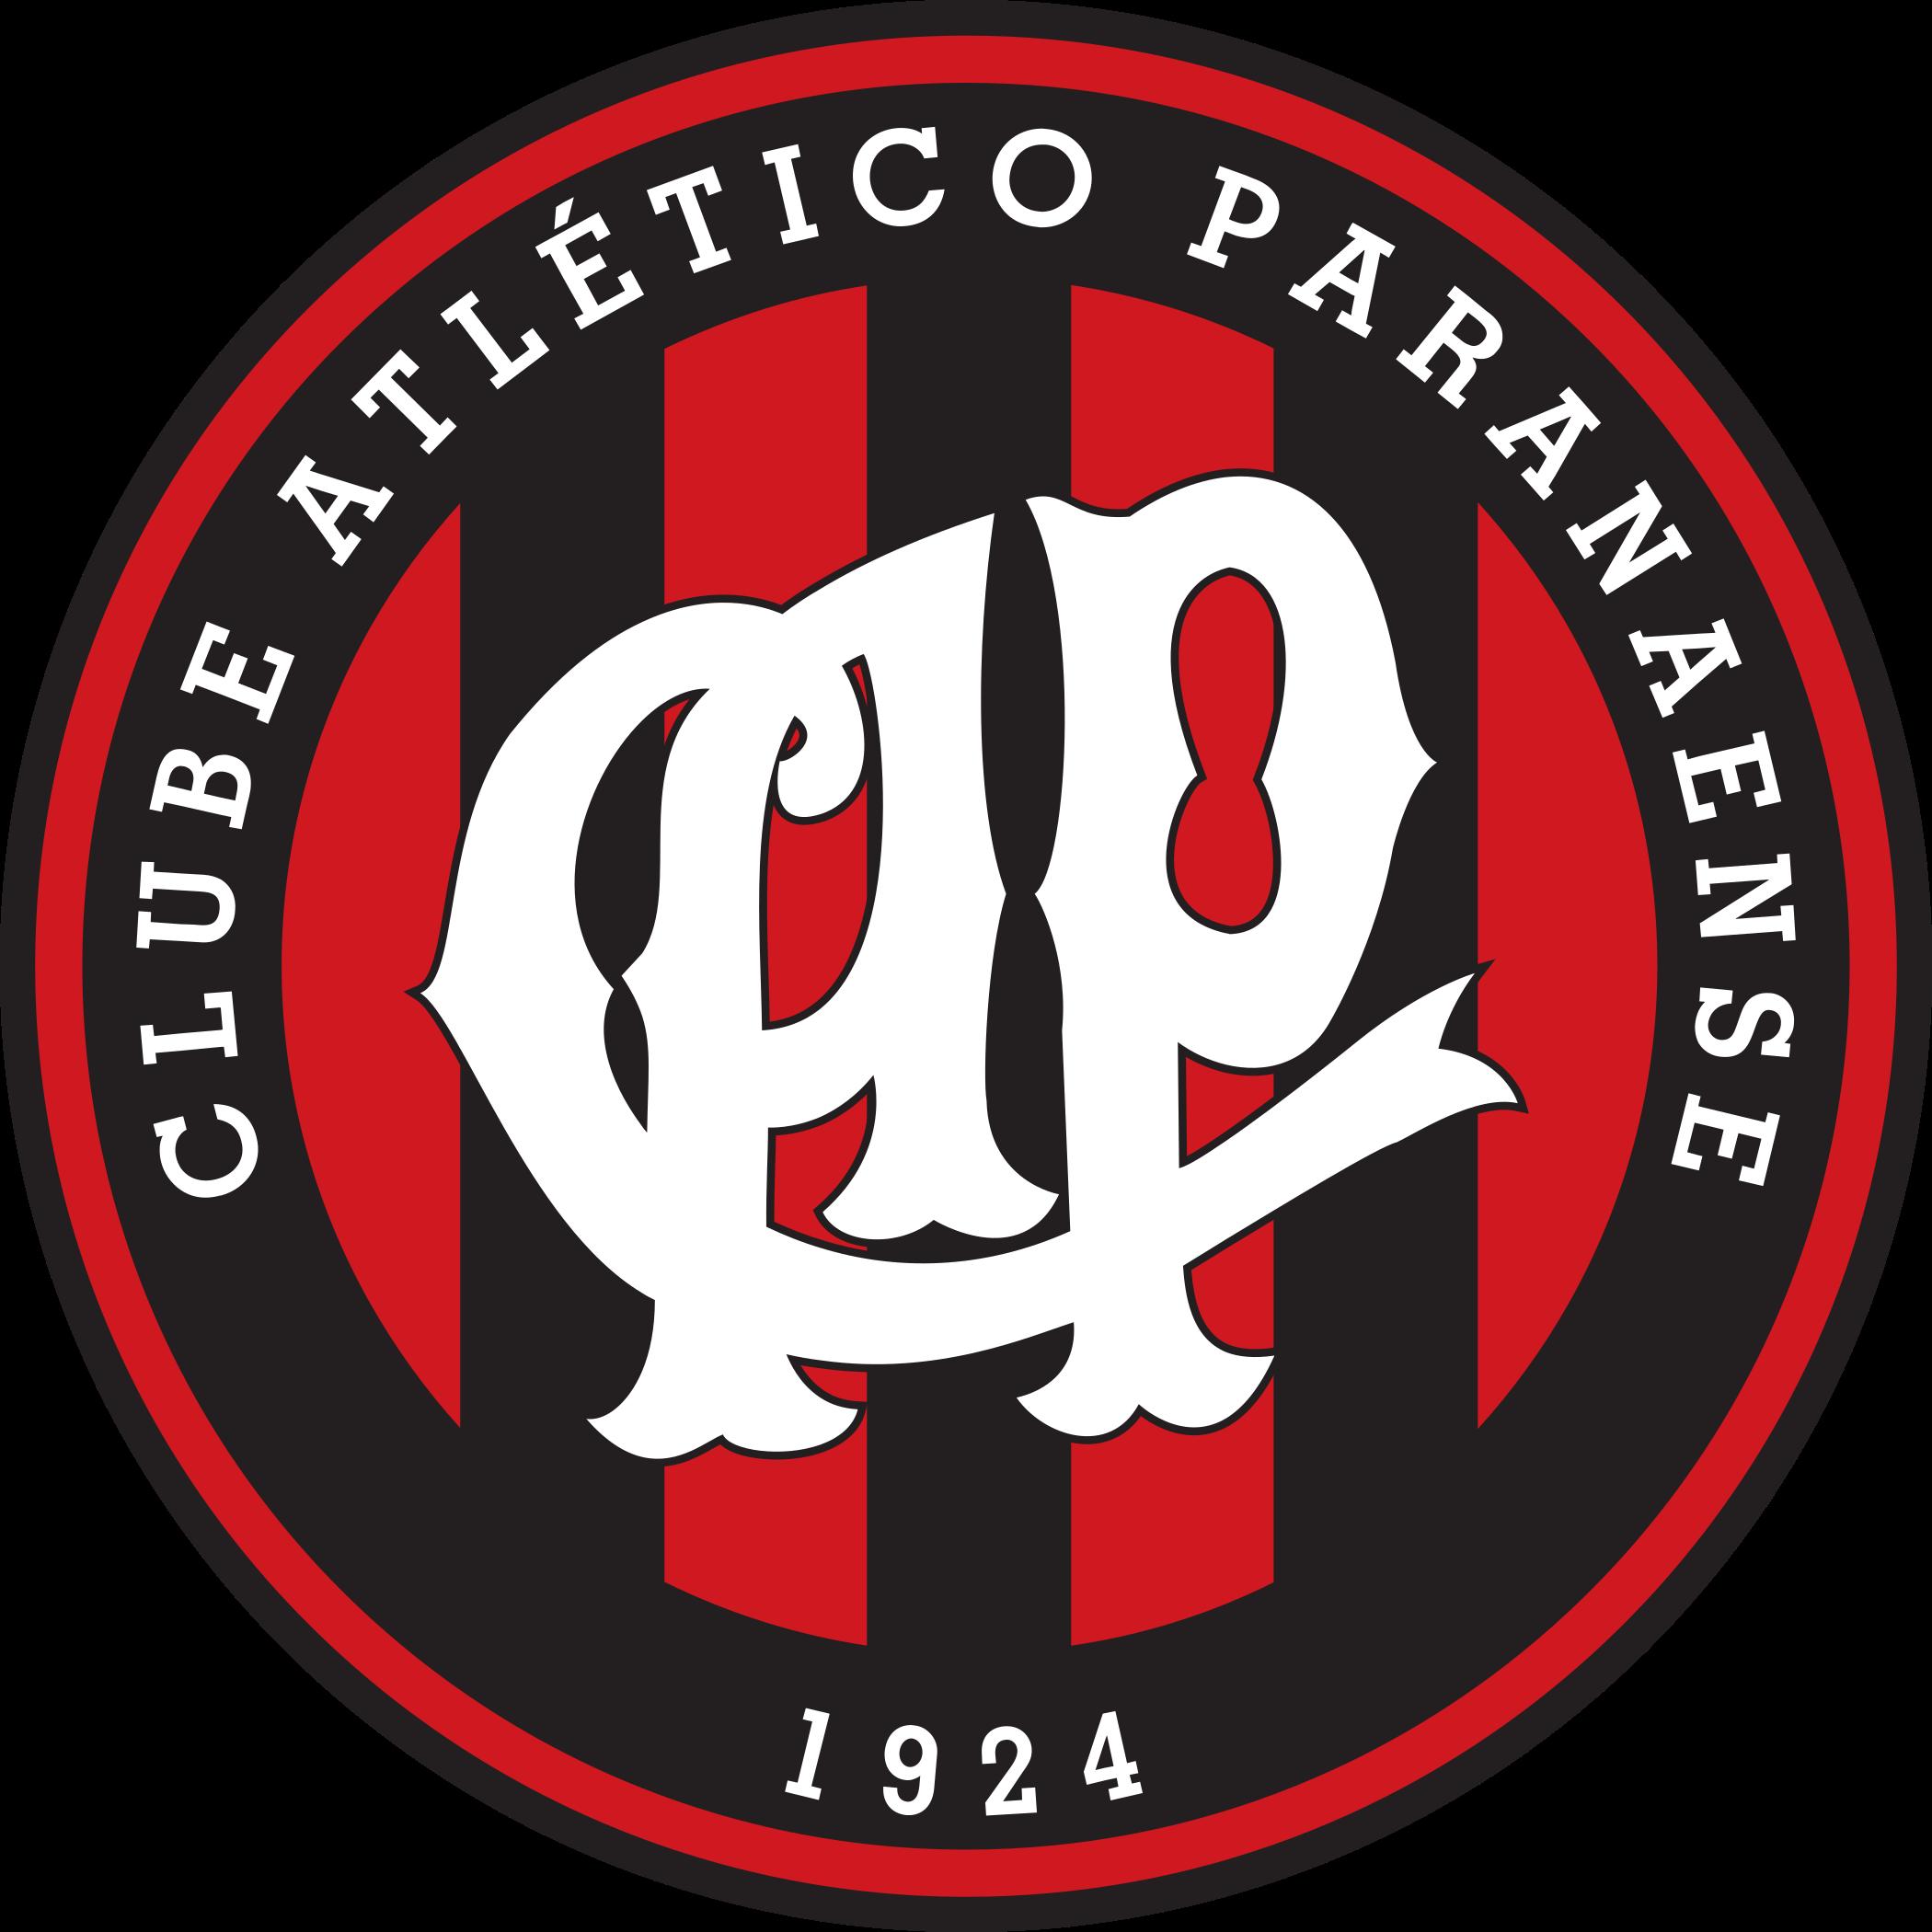 atletico-paranaense-logo-escudo-1